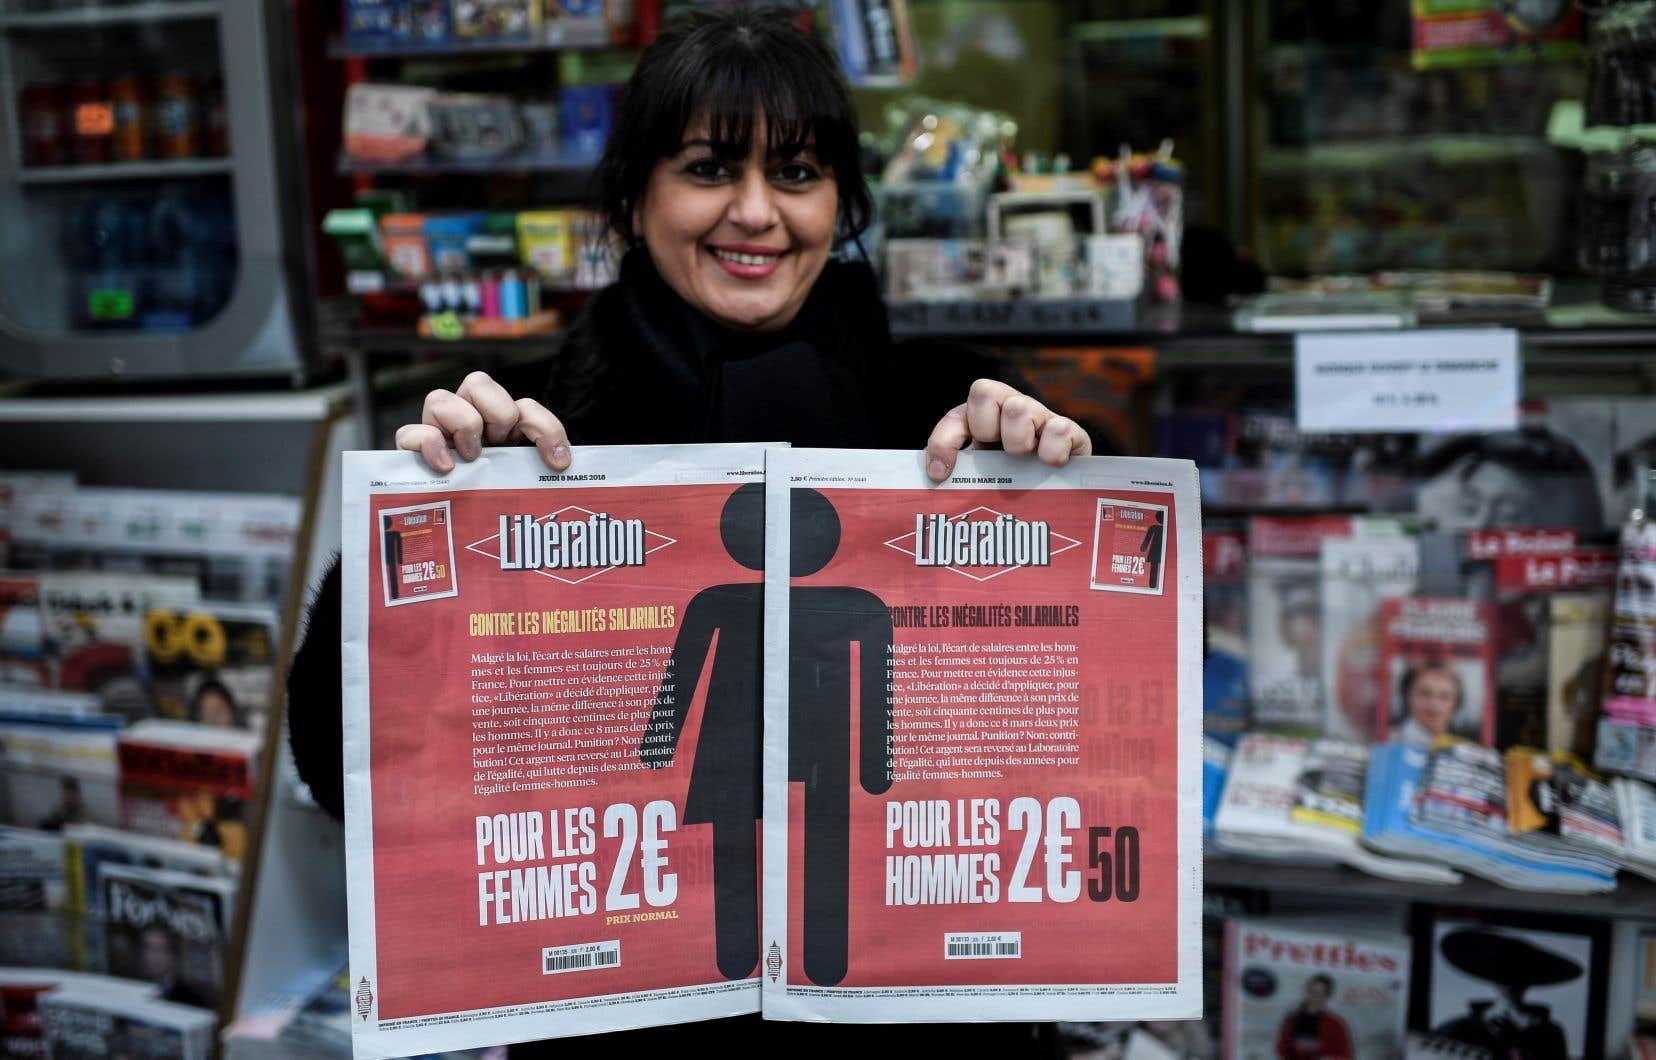 Le journal de gauche présente exceptionnellement deux Unes distinctes: l'une avec un pictogramme «homme», à 2,50 euros; l'autre avec un pictogramme «femme», au prix normal de 2 euros.